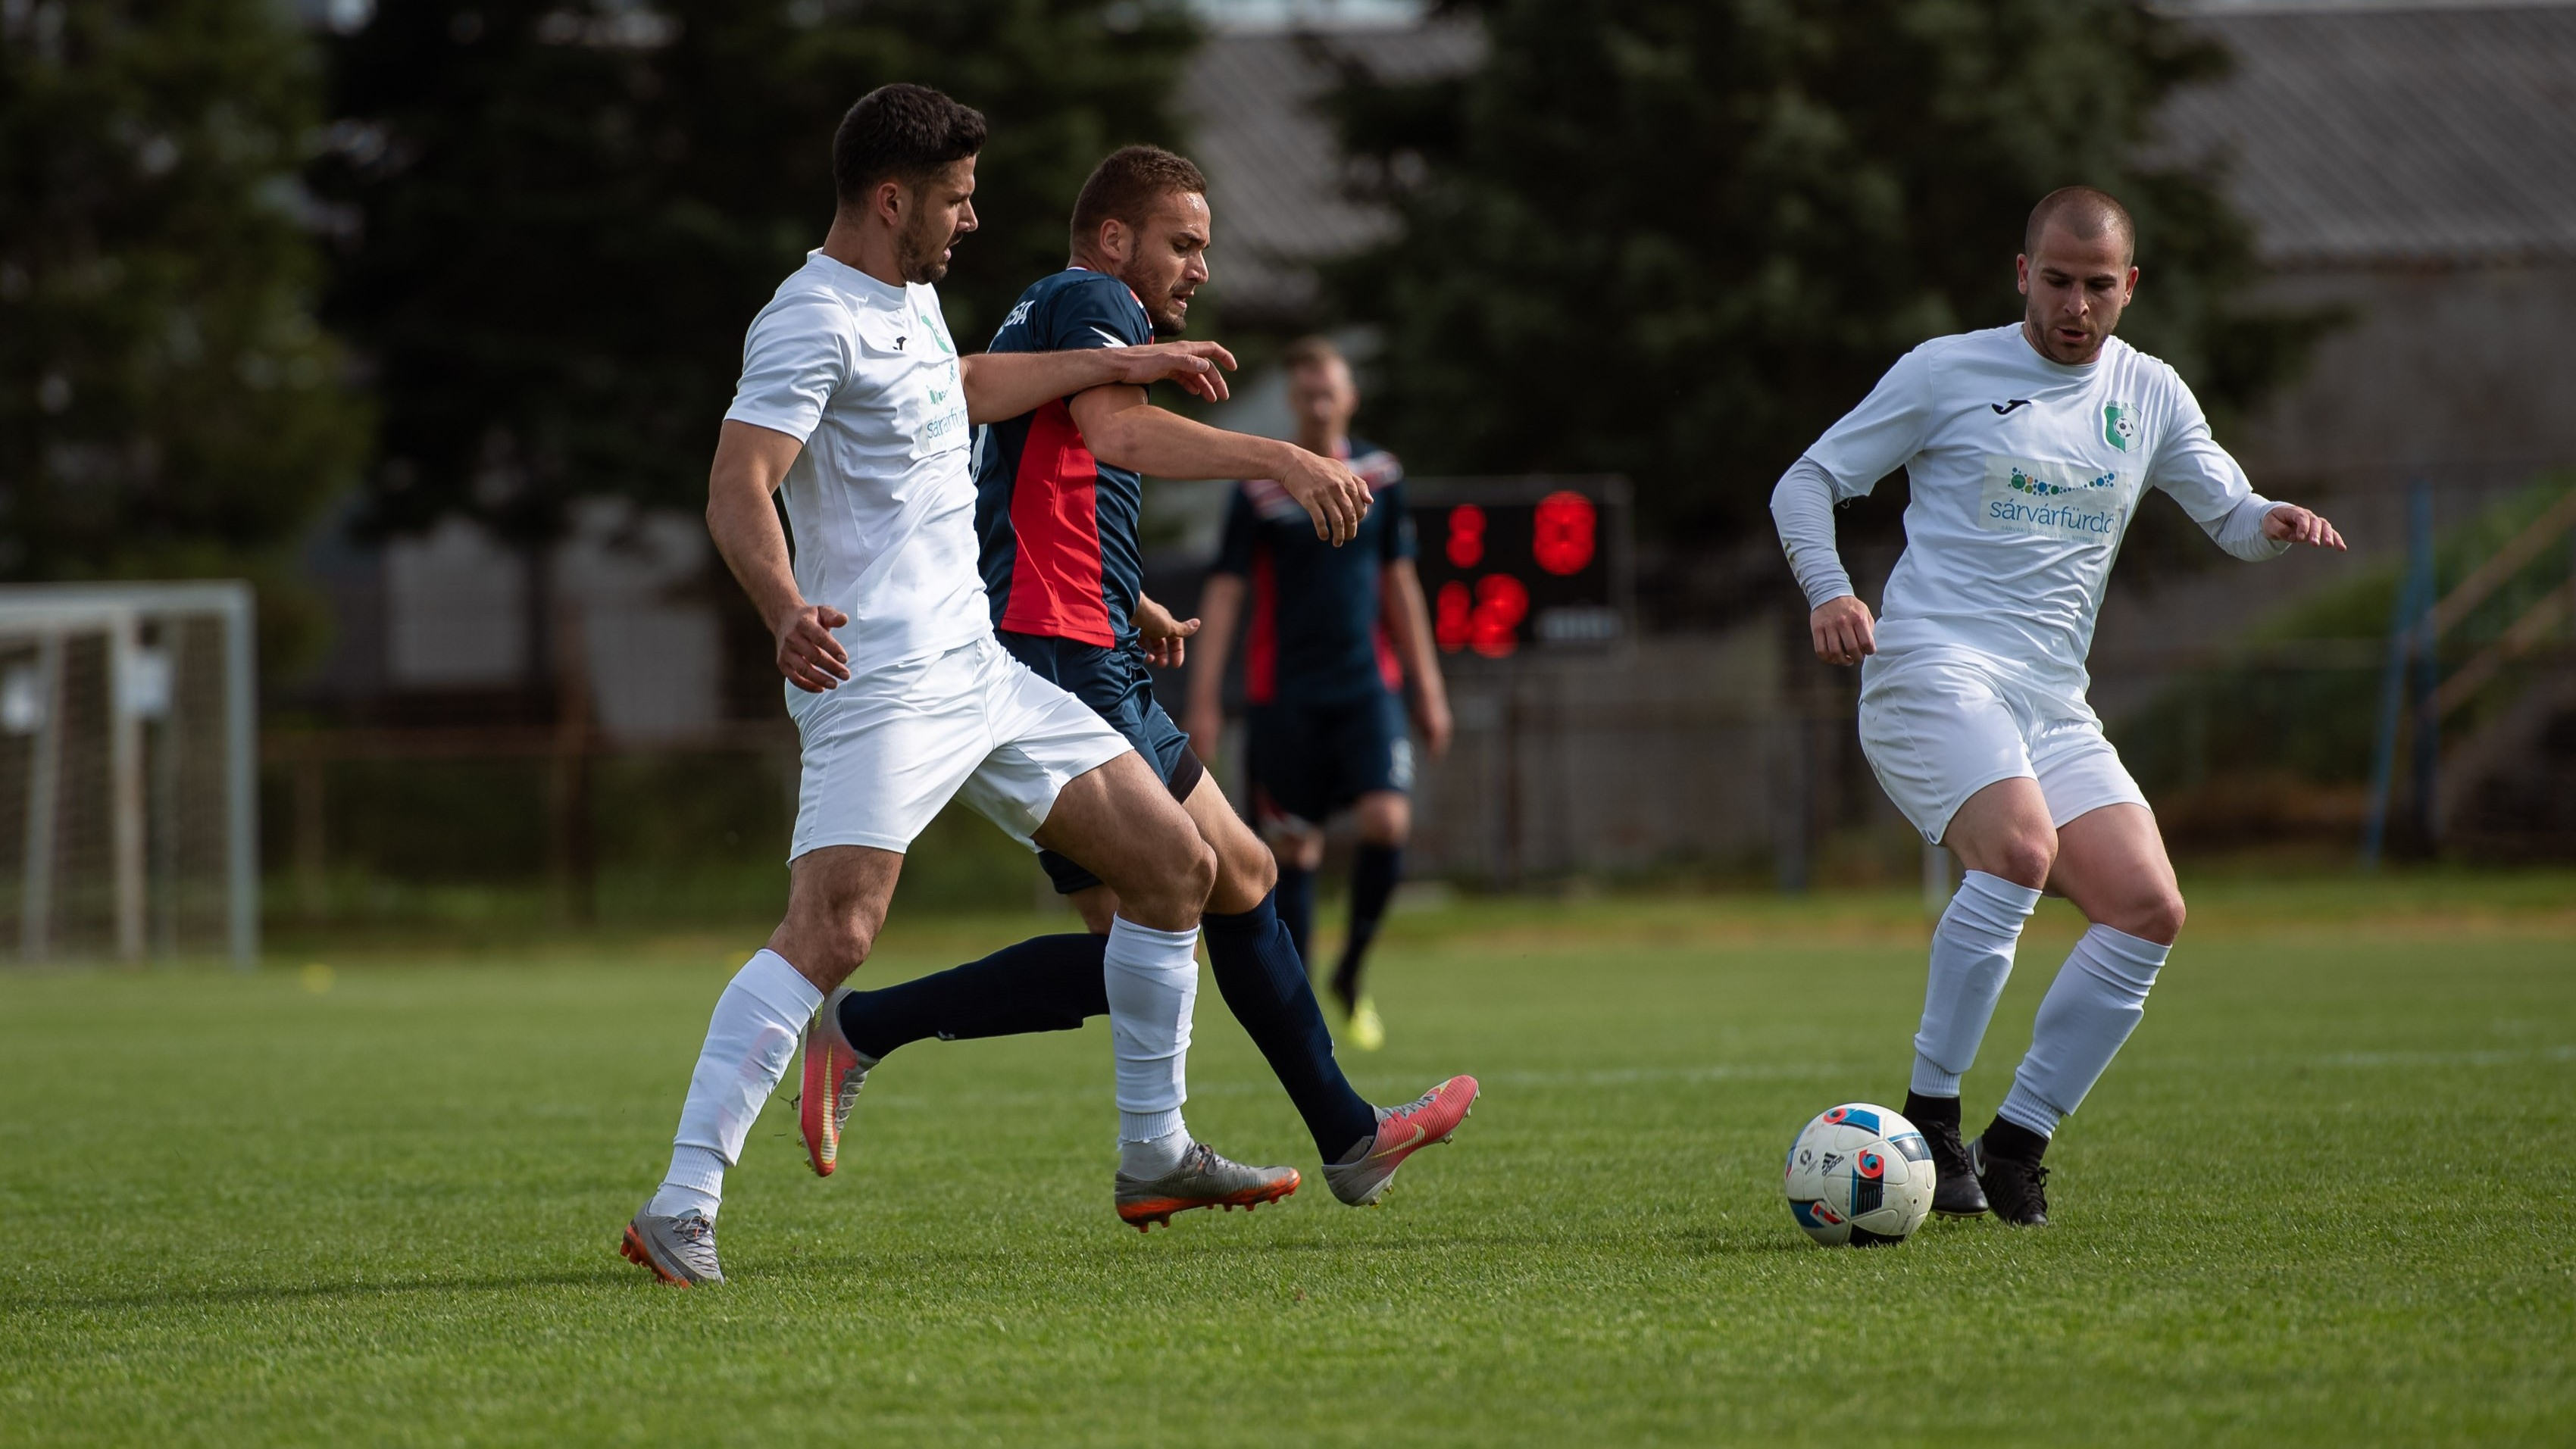 ÉLŐ STREAM! - Komáromi VSE - FC Nagykanizsa NBIII-as bajnoki labdarúgó mérkőzés